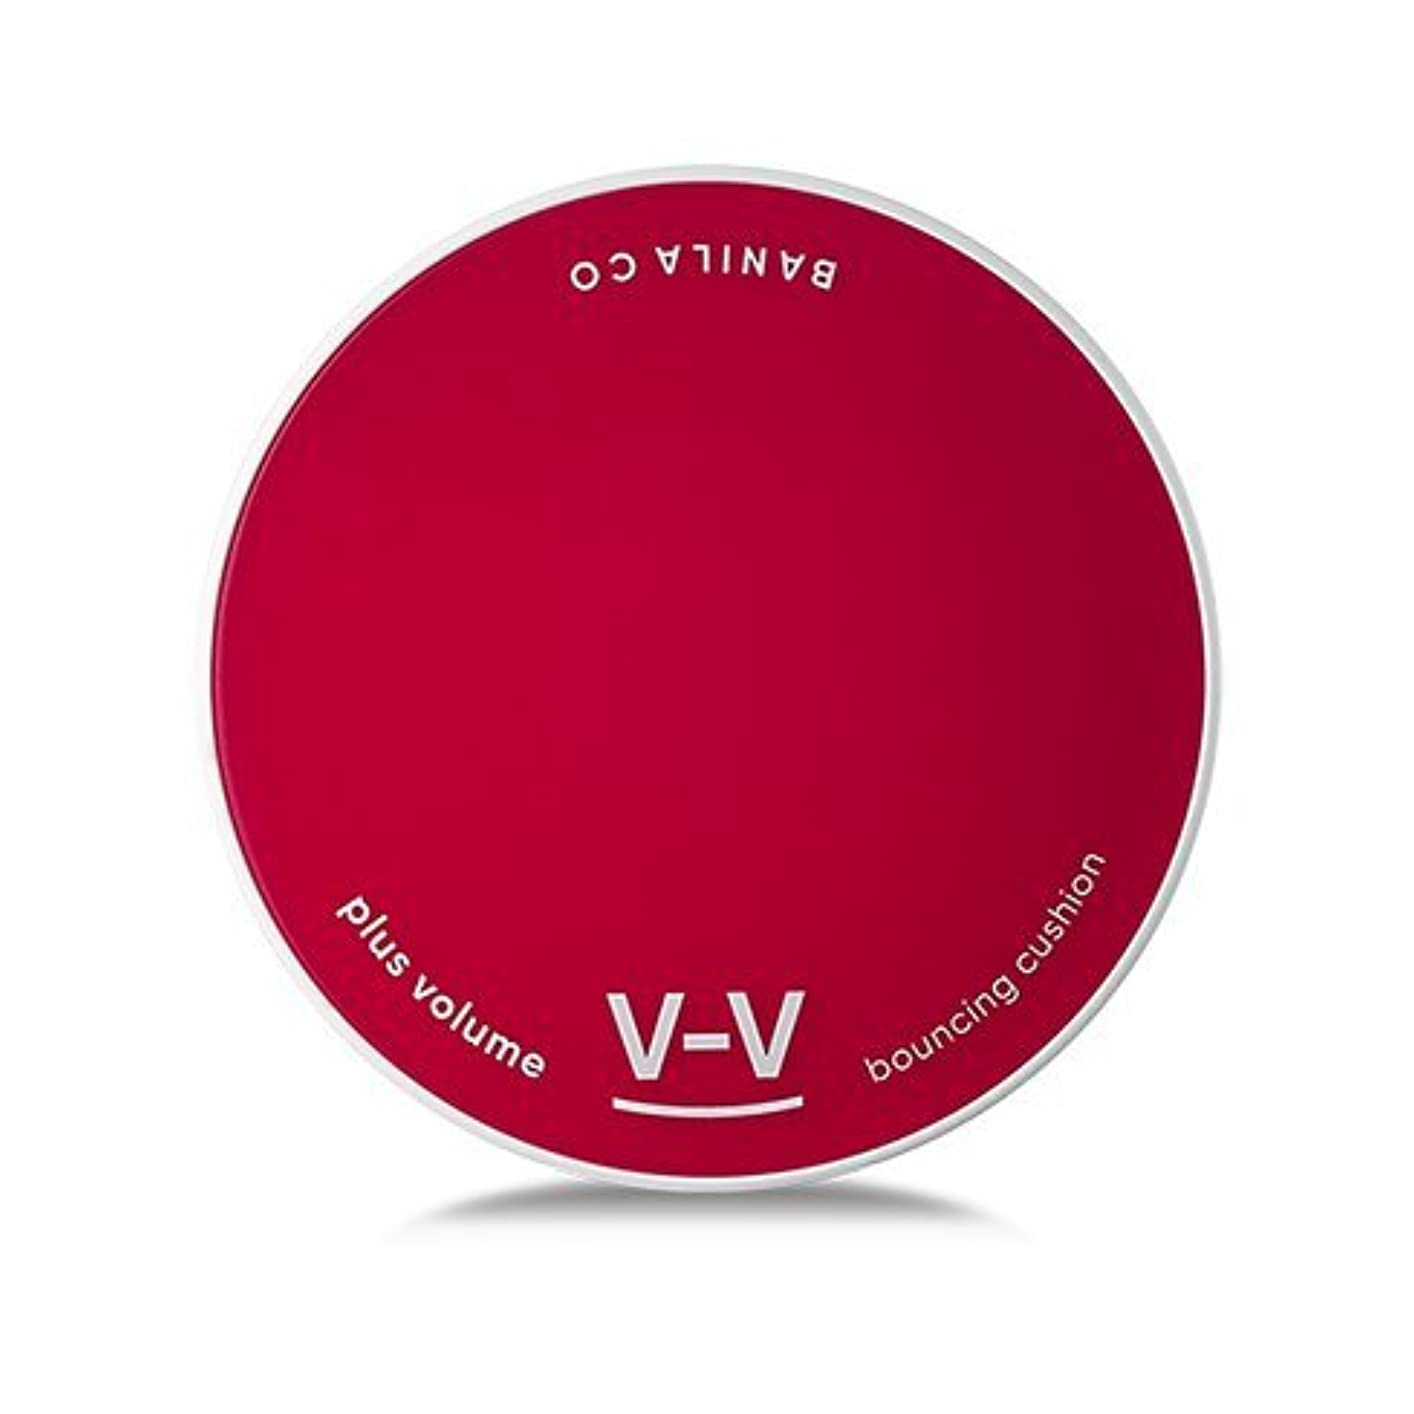 損失予測するシェルター[Renewal] BANILA CO V-V Bouncing Cushion 15g + Refill 15g/バニラコ ブイ ブイ バウンシング クッション 15g + リフィル 15g (#BE10) [並行輸入品]